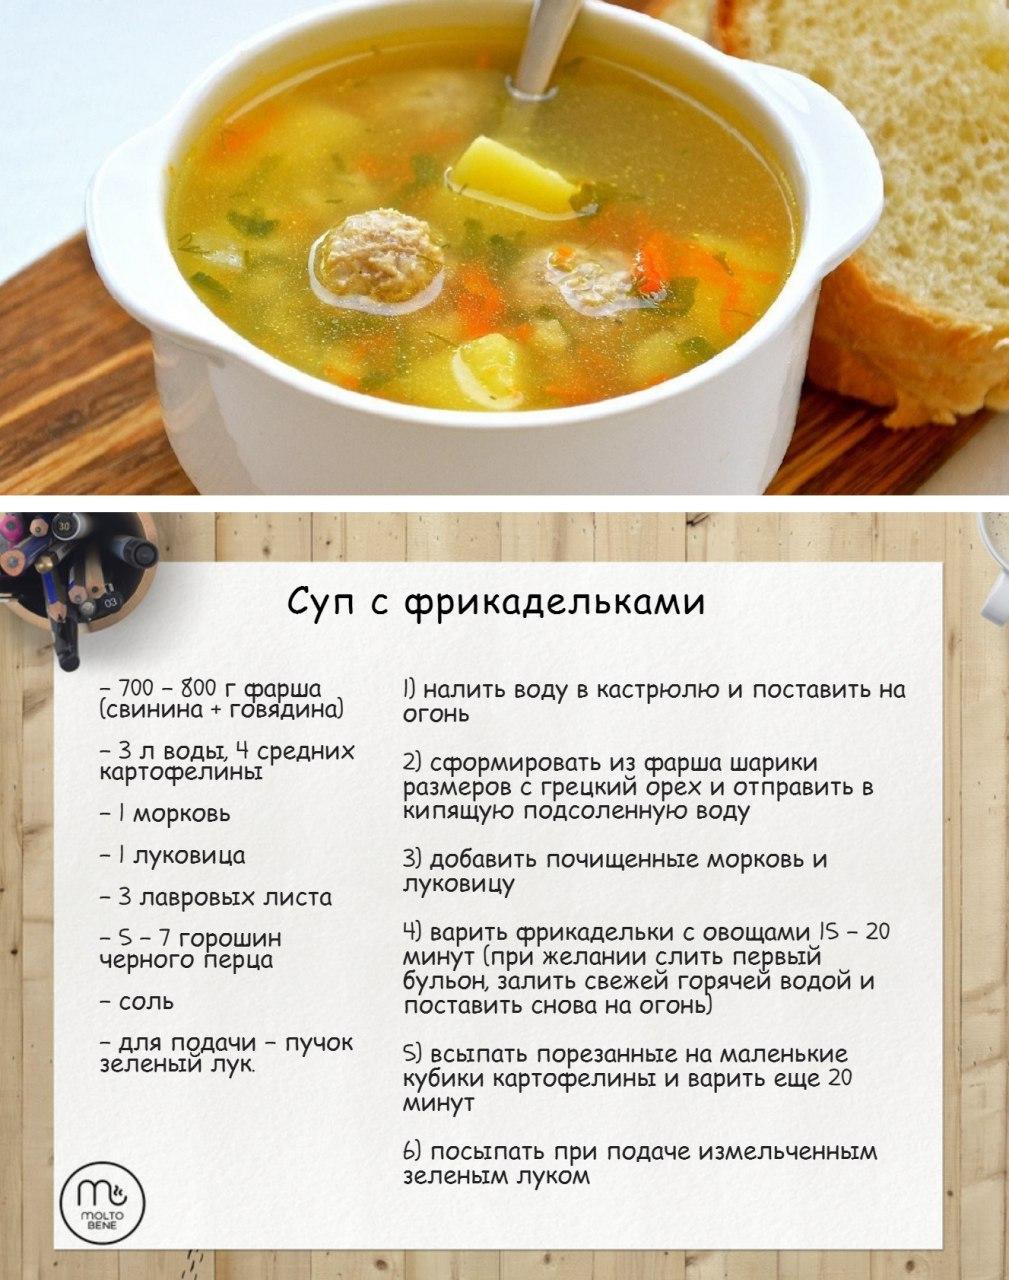 Бульон с фрикадельками пошаговый рецепт